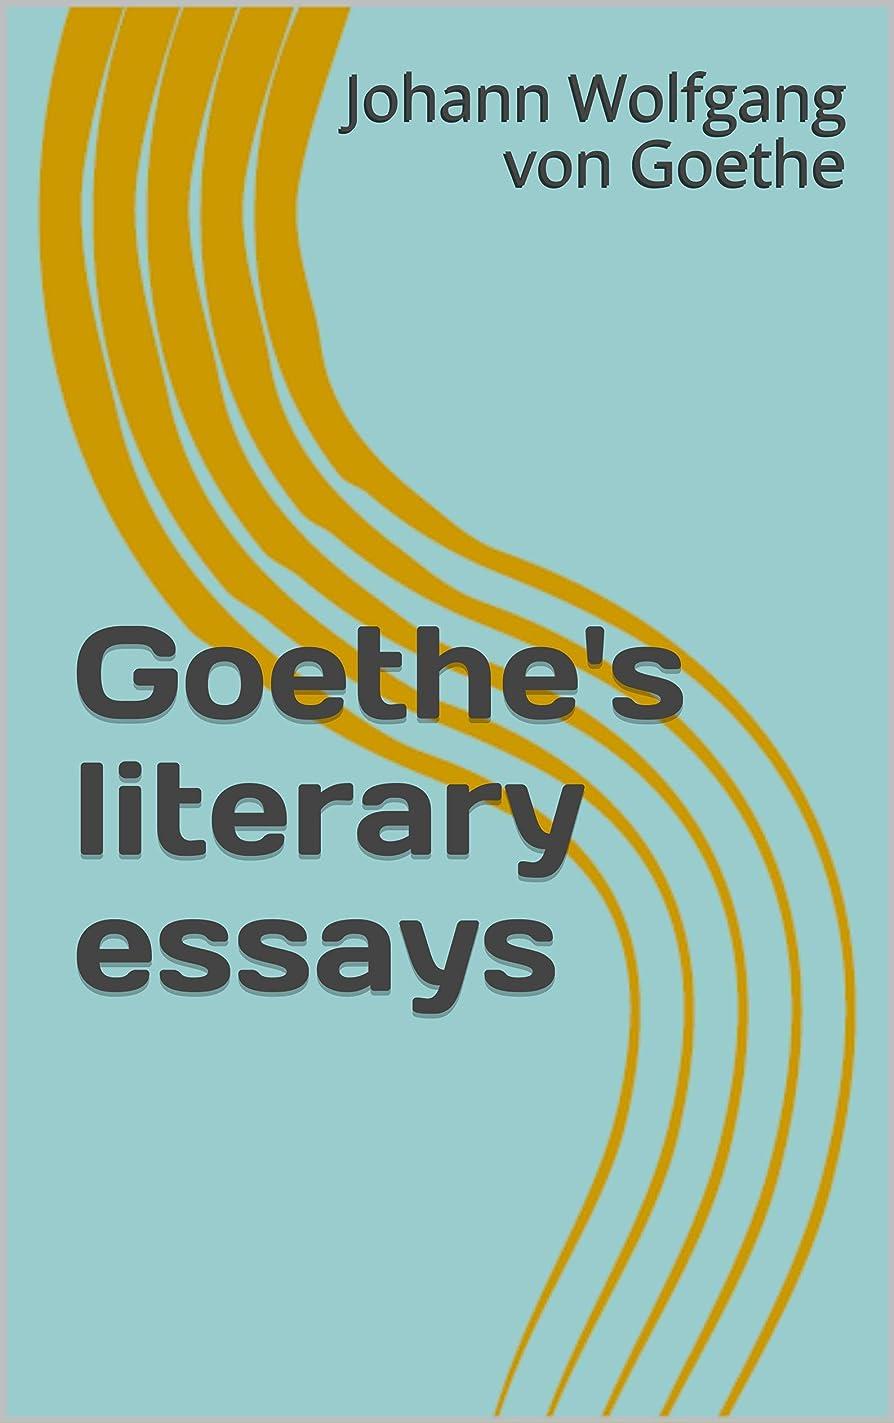 フォアマンしたがって写真を撮るGoethe's literary essays (English Edition)